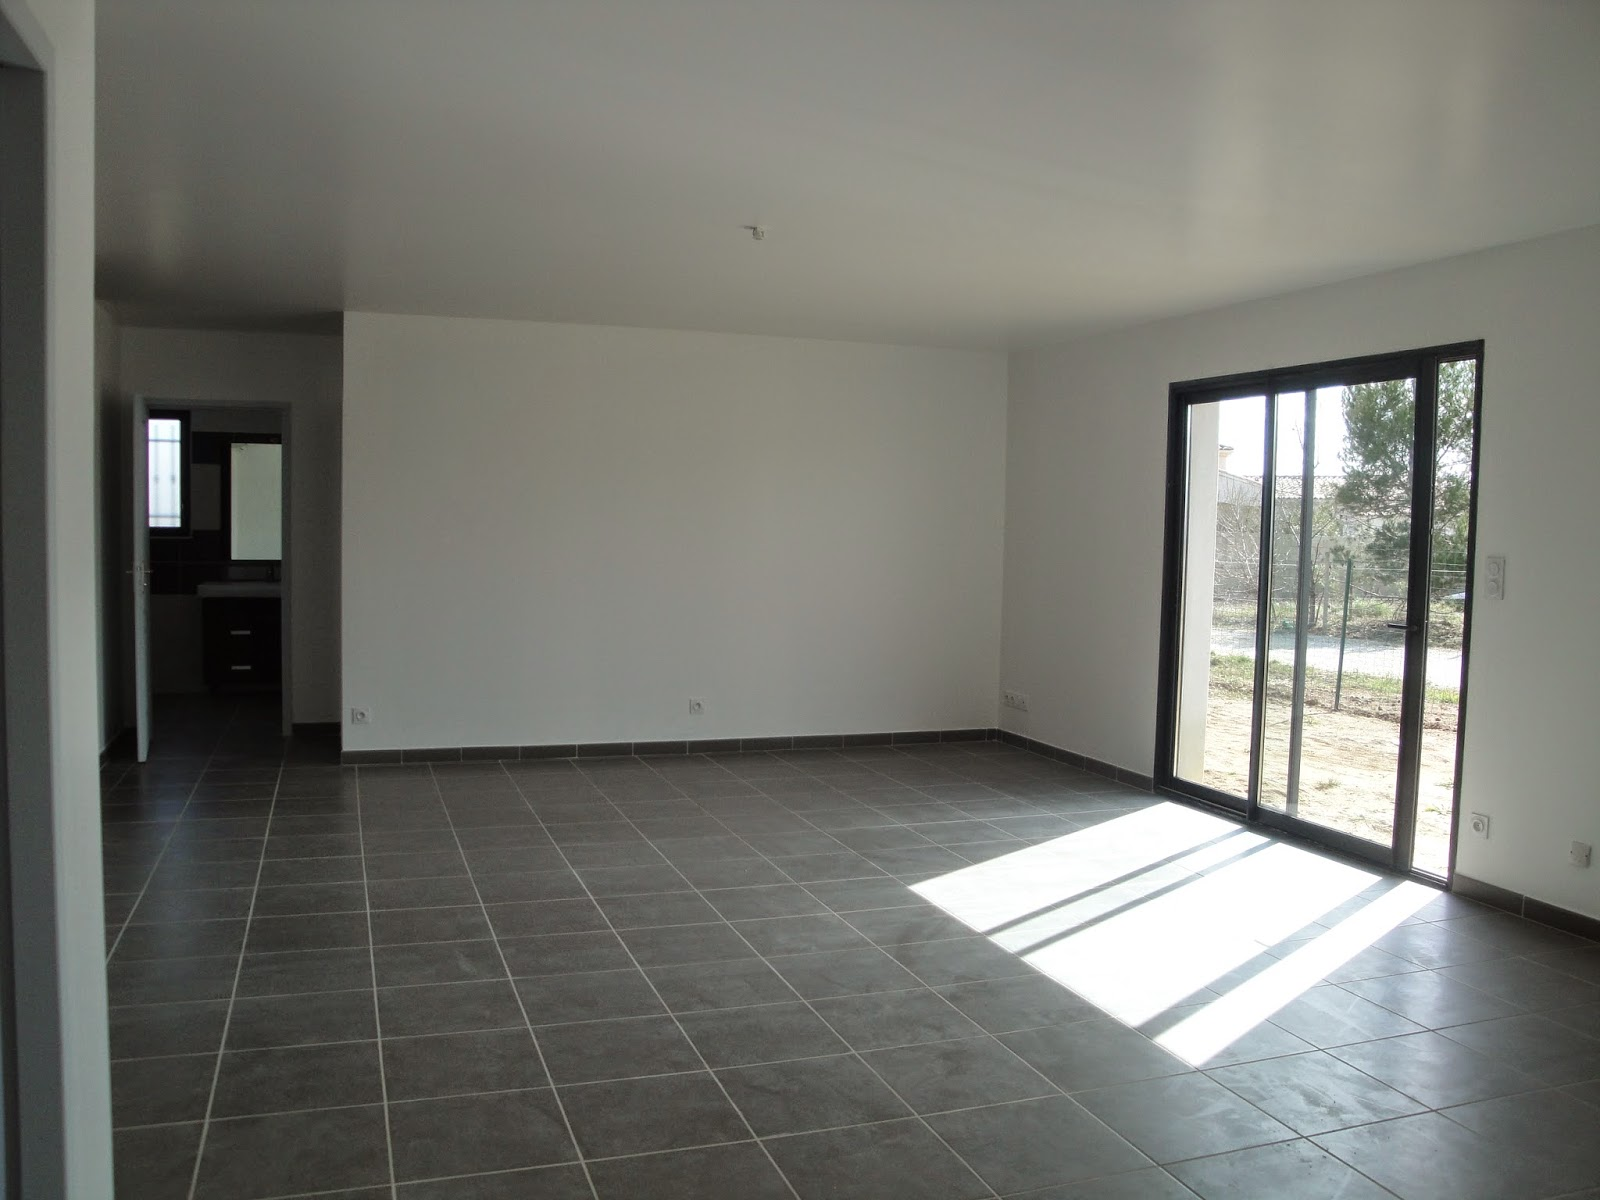 habitat de provence maison neuve vendre pont saint esprit. Black Bedroom Furniture Sets. Home Design Ideas